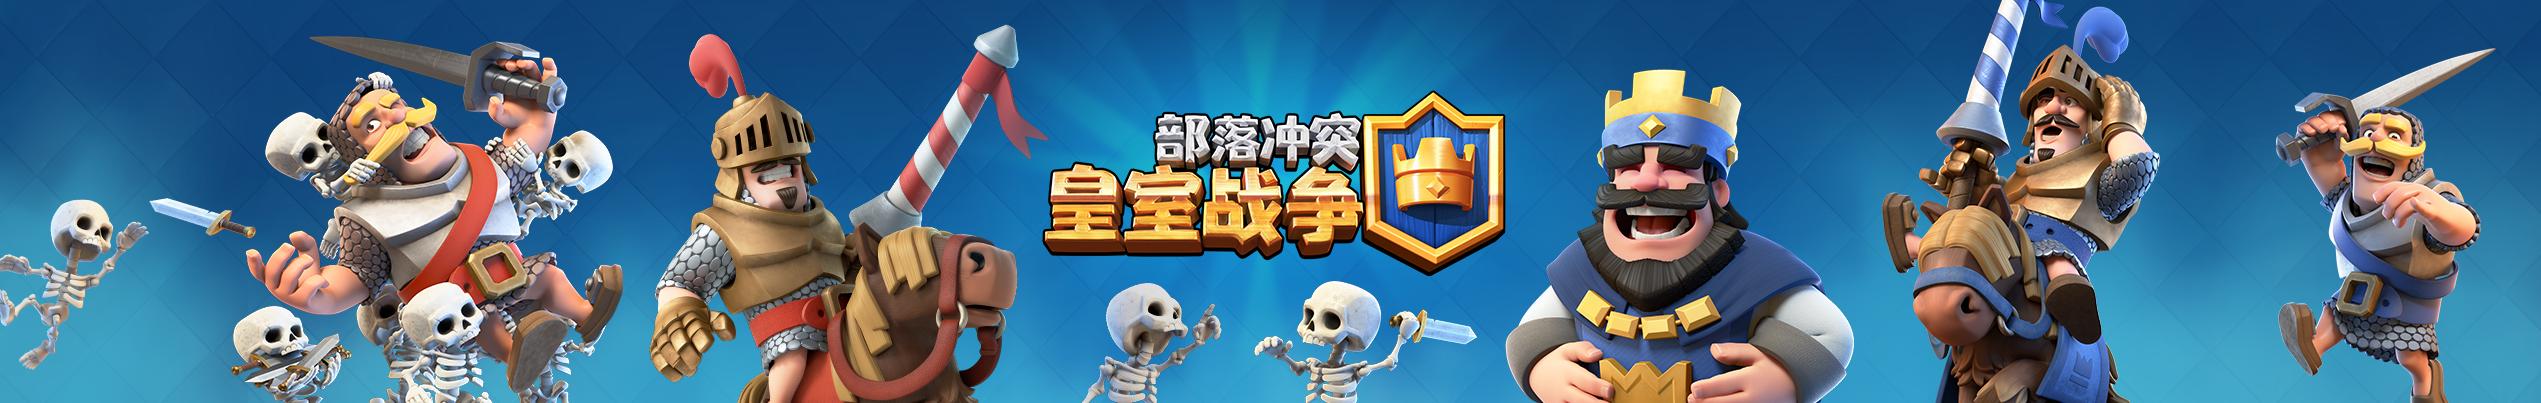 用户_386246 banner